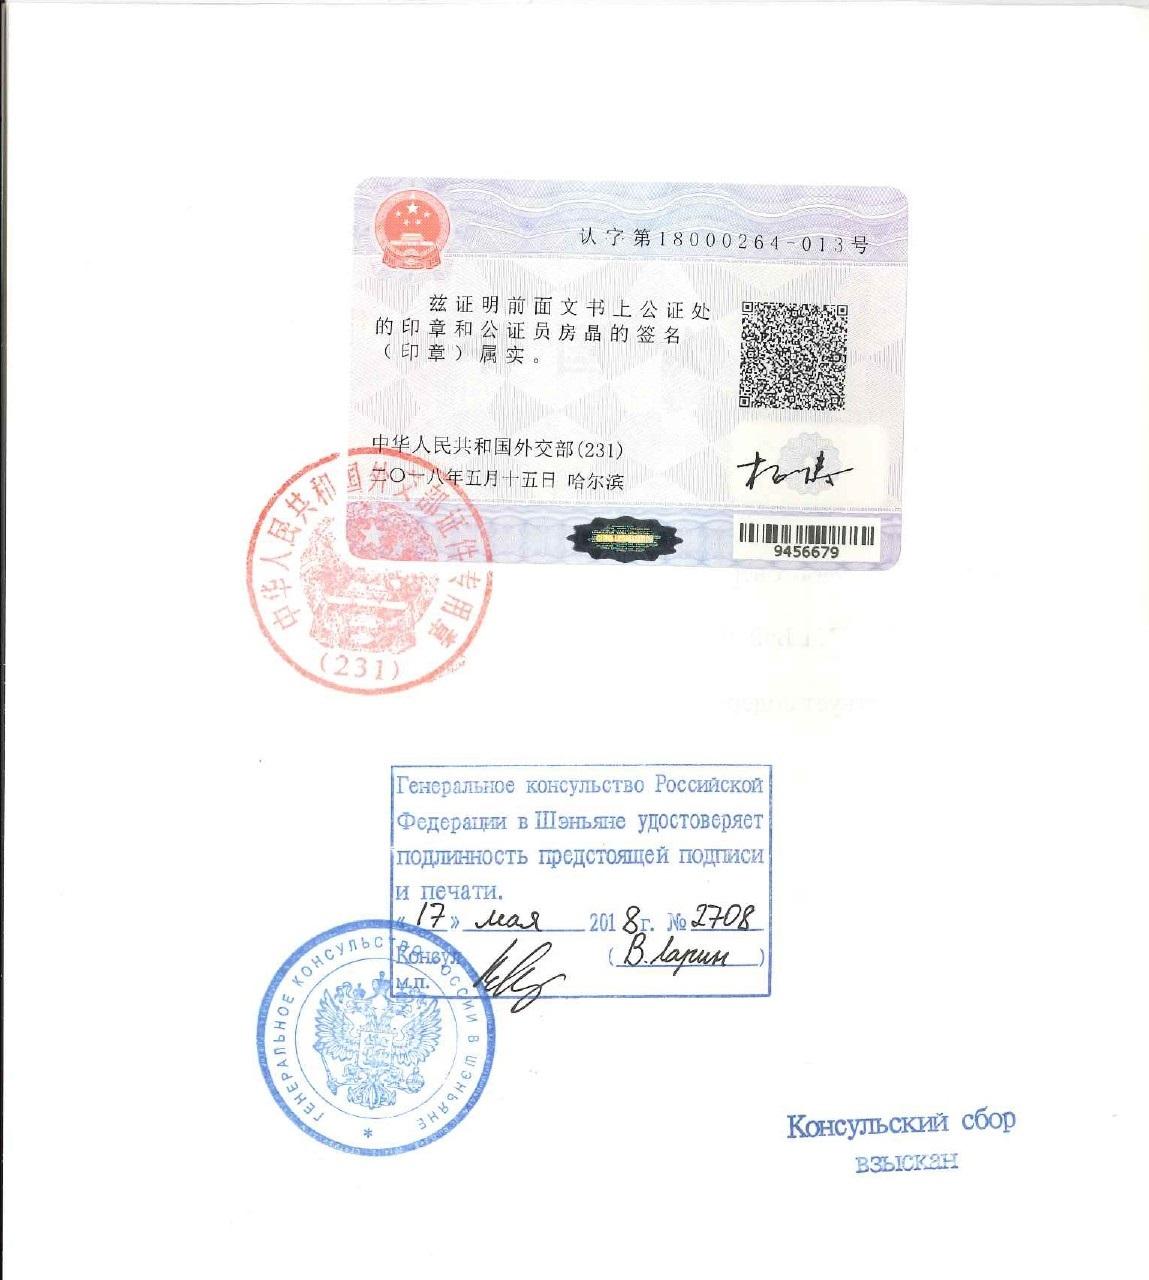 俄罗斯留学的文件公证、双认证怎么做?插图10-小狮座俄罗斯留学